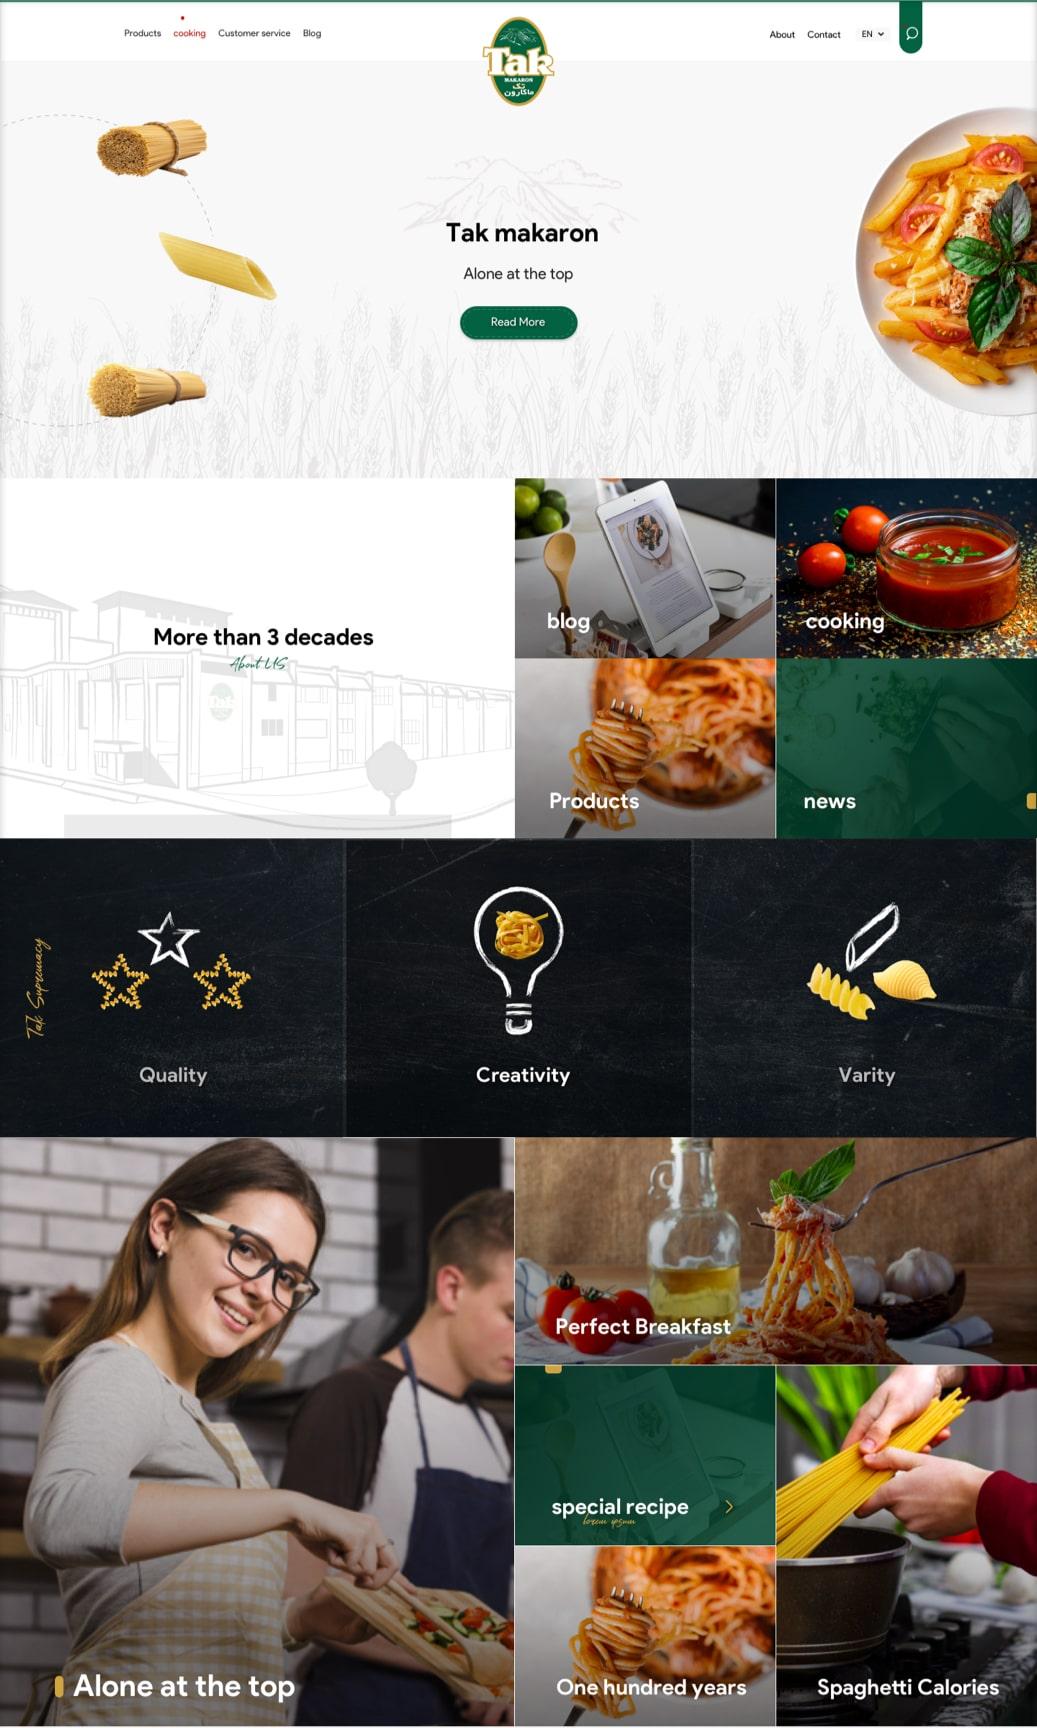 وب سایت تک ماکارون طراحی شده در آژانس خلاقیت وبسیما